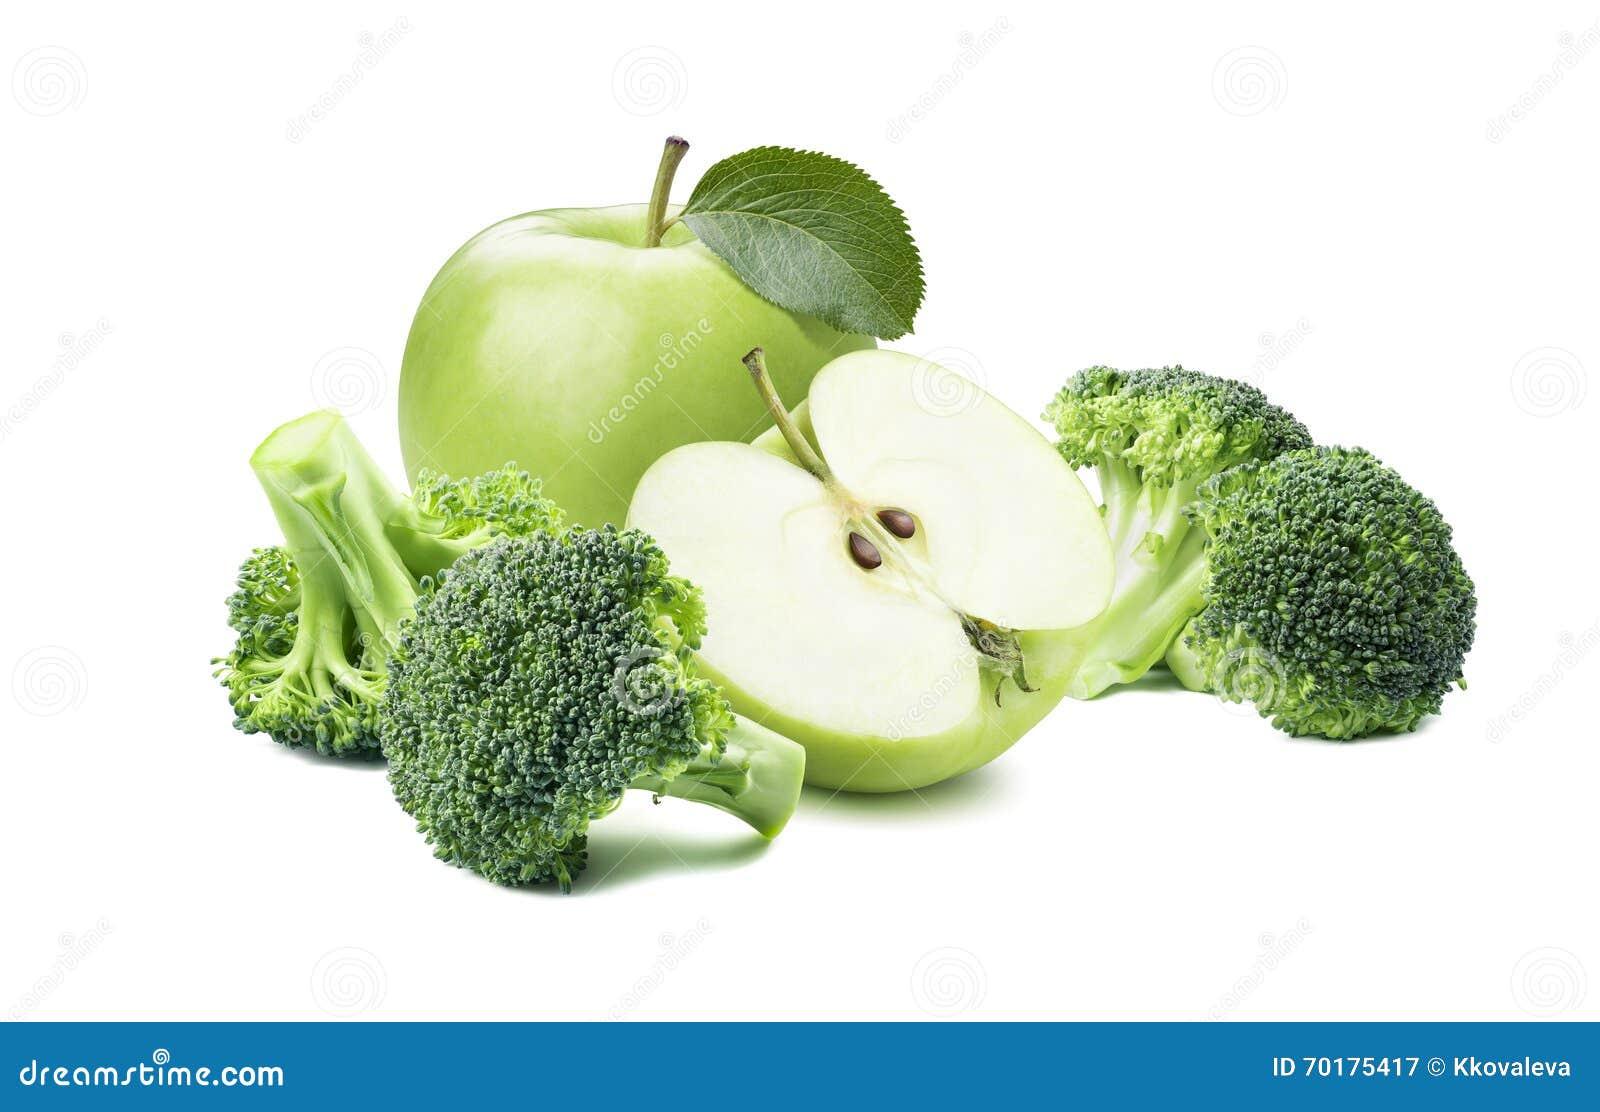 Broccoli gör grön äpple 2 som isoleras på vit bakgrund